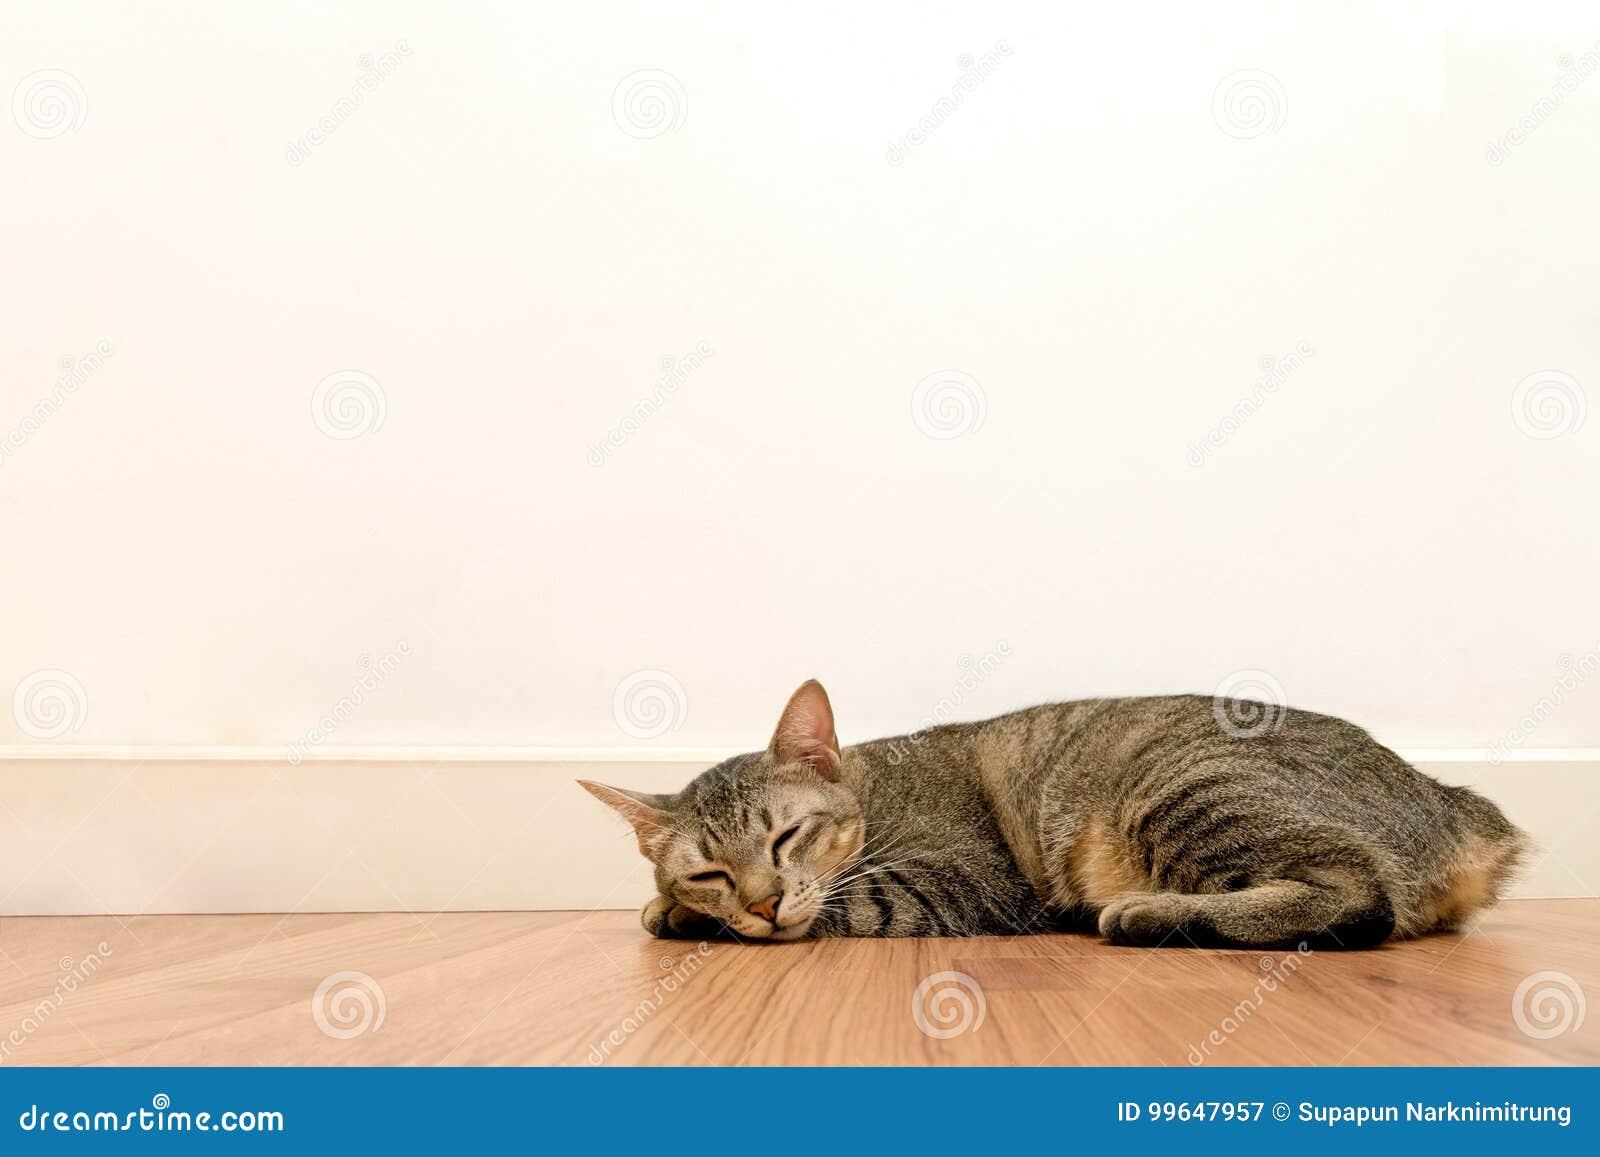 Ύπνος γατών στο ξύλινο πάτωμα με τον άσπρο κενό διαστημικό τοίχο λατρευτές ιδιαίτερες προσοχές υπολοίπου γατών στο σπίτι